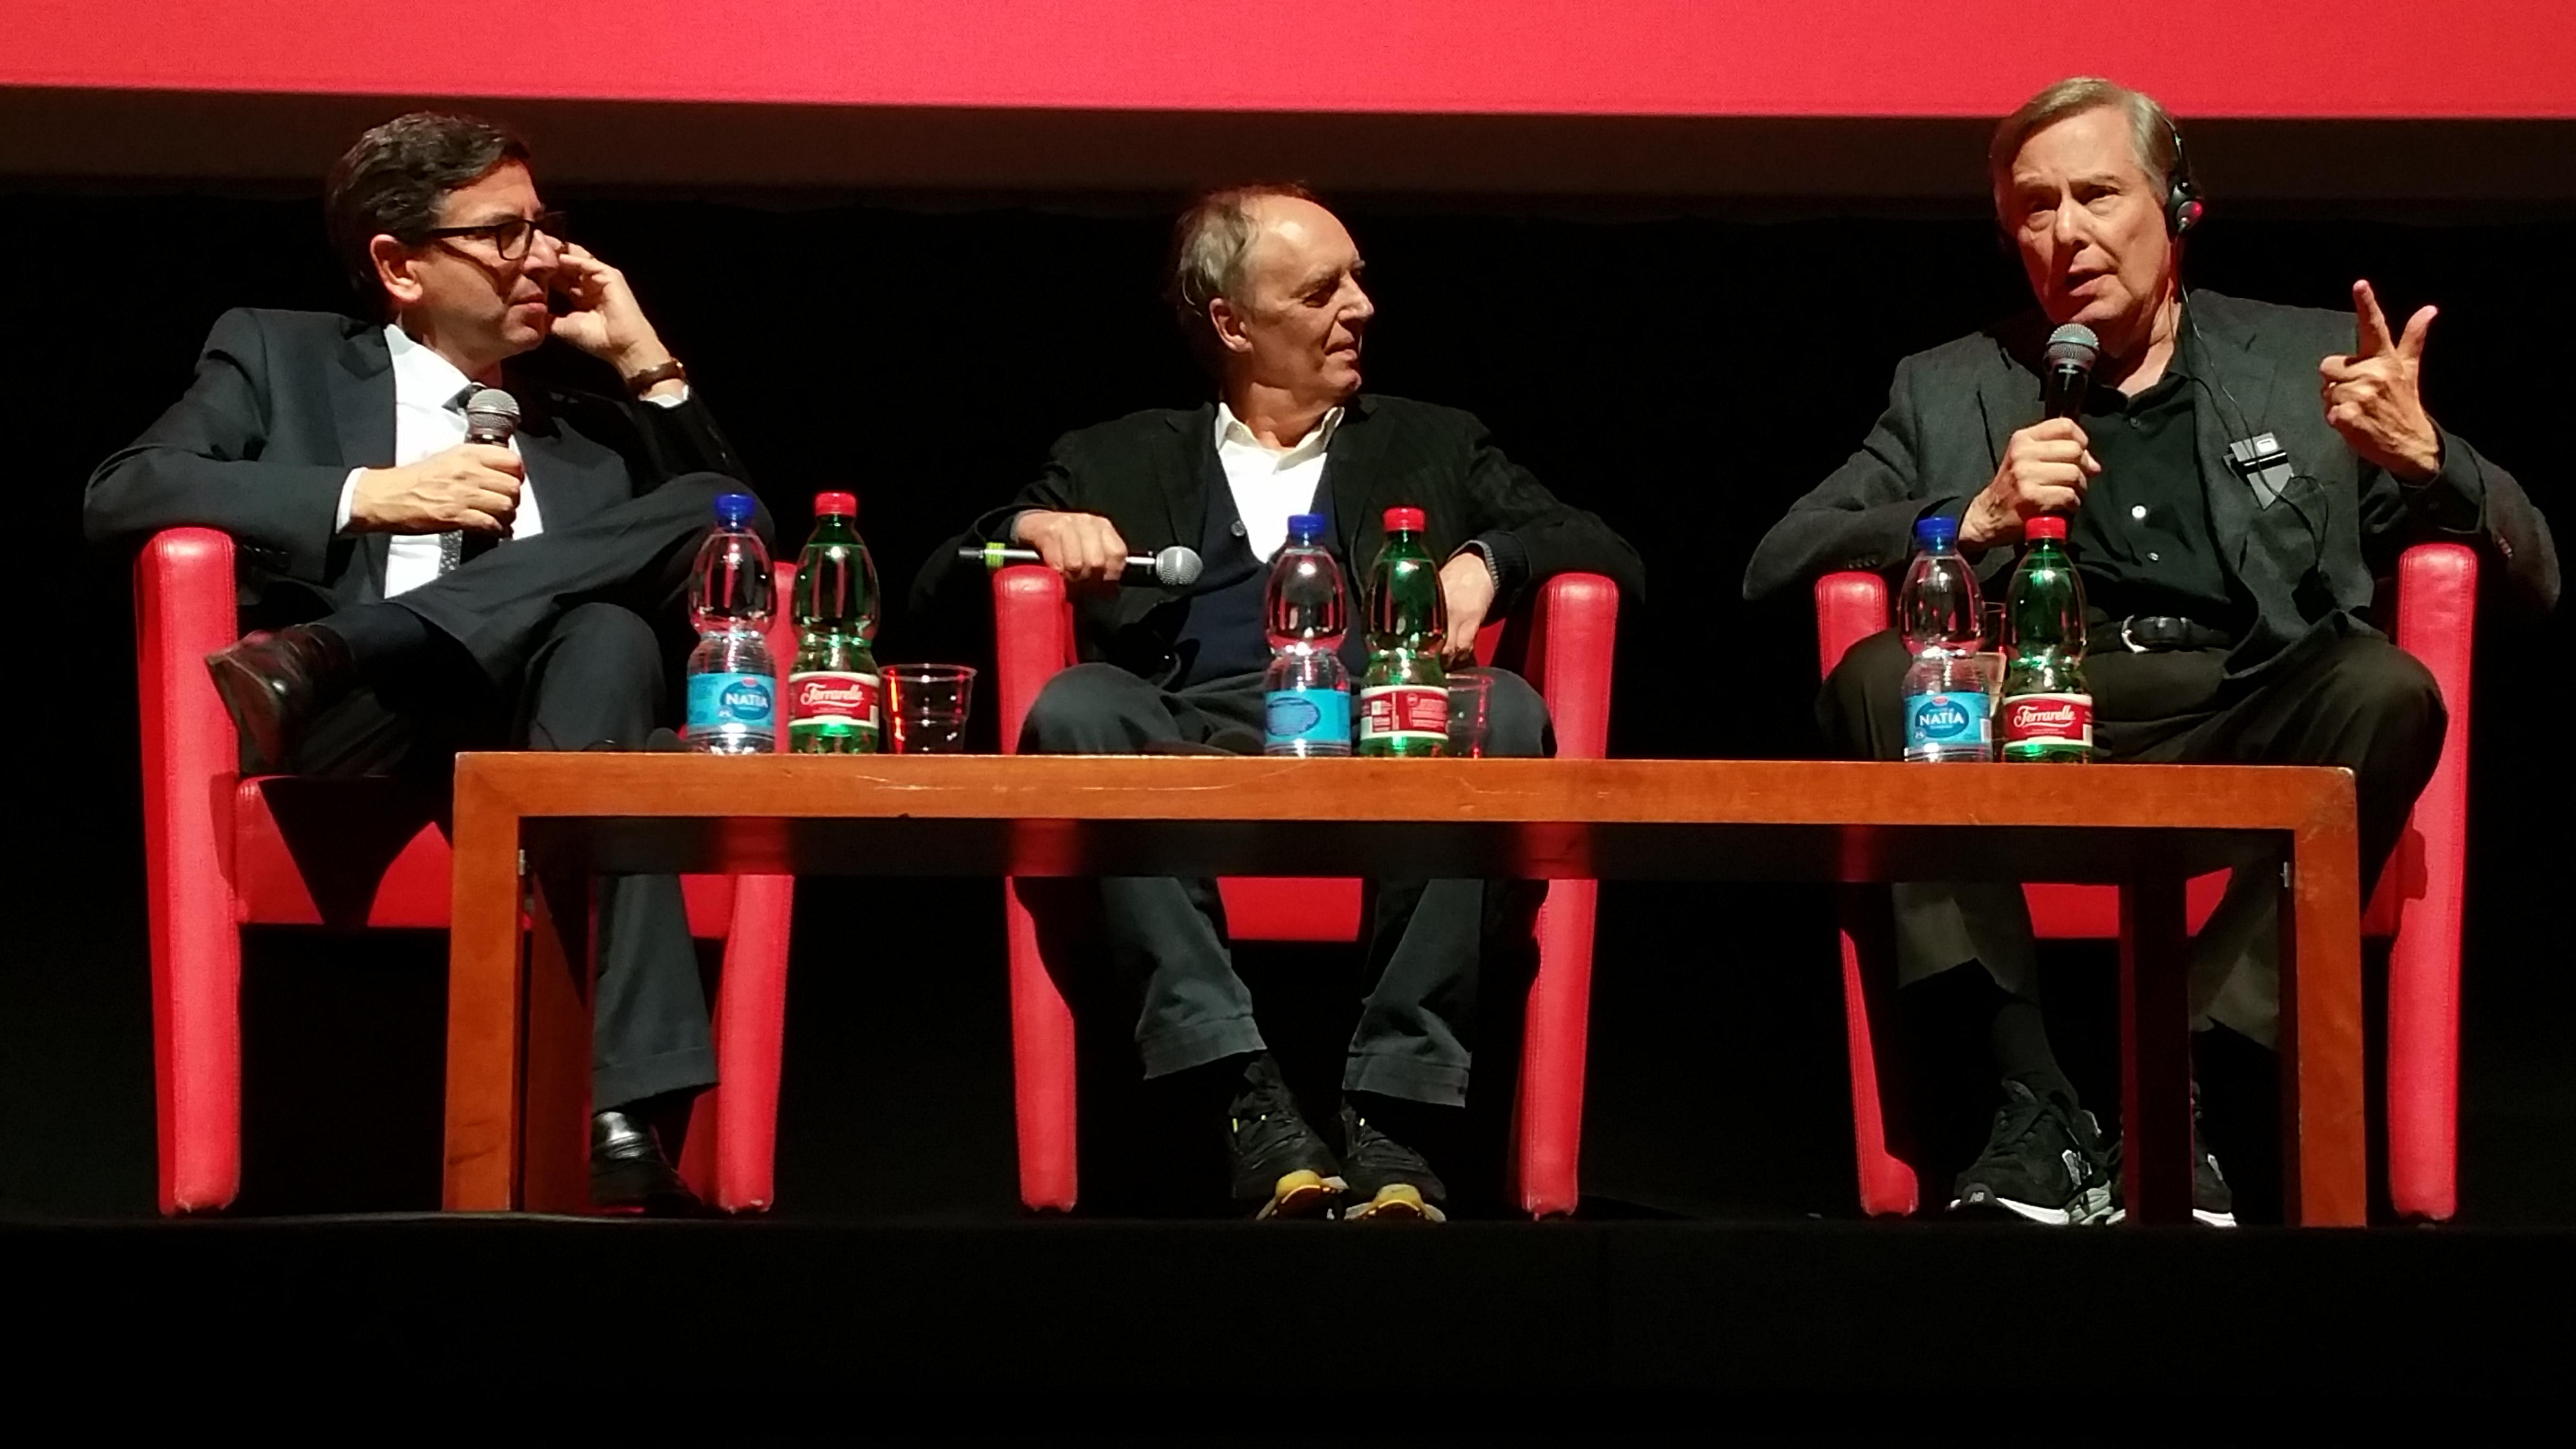 """Termina la quarta giornata della Festa del Cinema di Roma edecco puntuale il riepilogo dei principali avvenimentie dei film visionati. Si parte con """"The walk 3D"""" di Robert Zemeckis (che […]"""